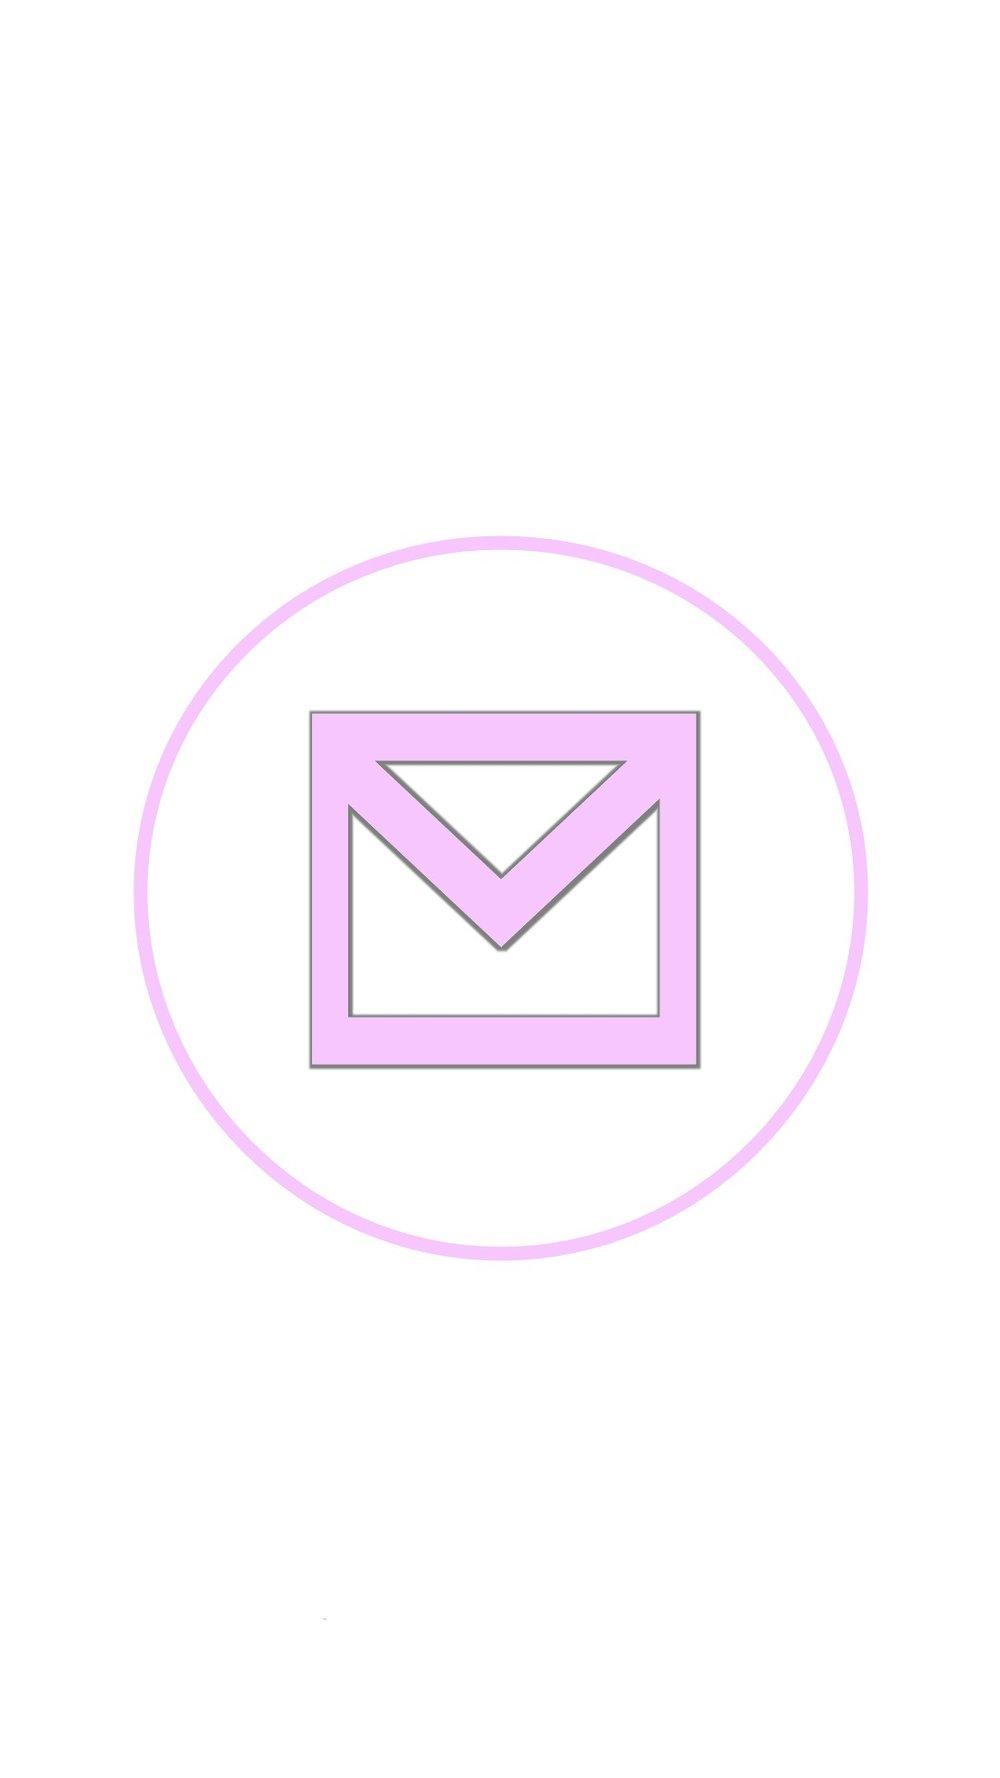 Instagram-cover-envelope-pinkwhite-lotnotes.com.jpg